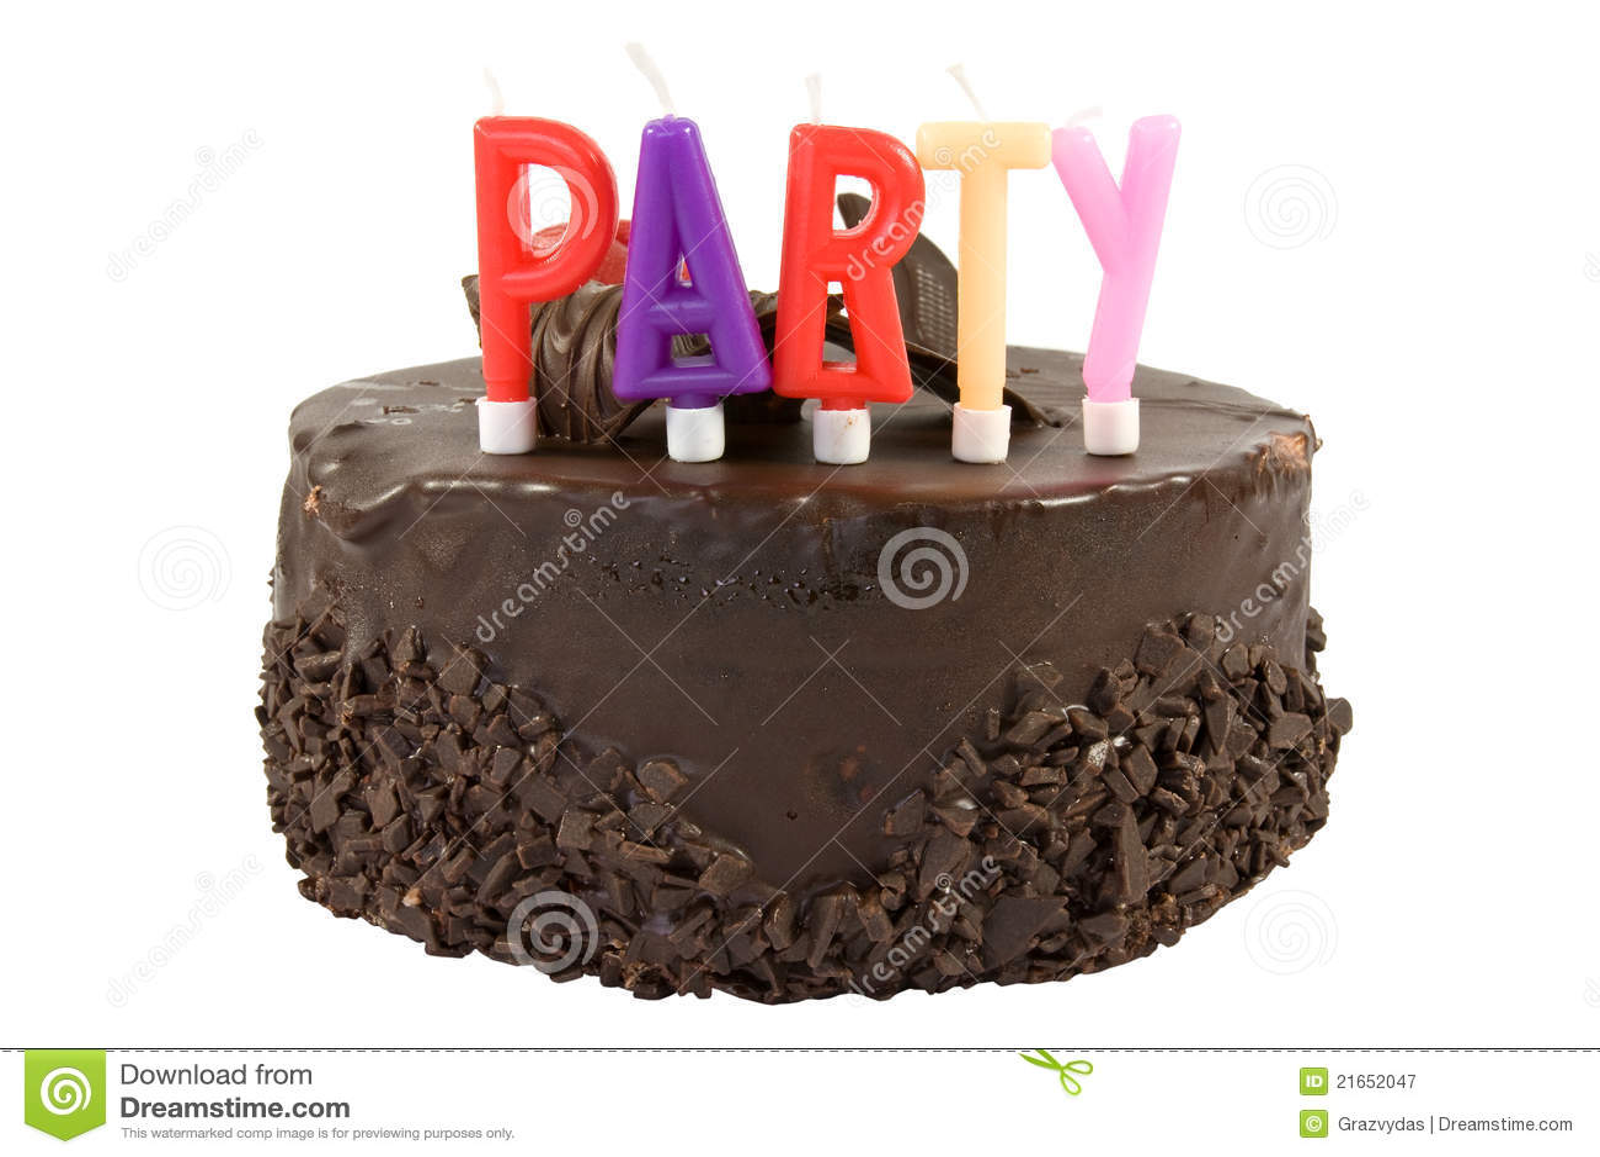 Birthday Cake Isolated On White Background Stock Image